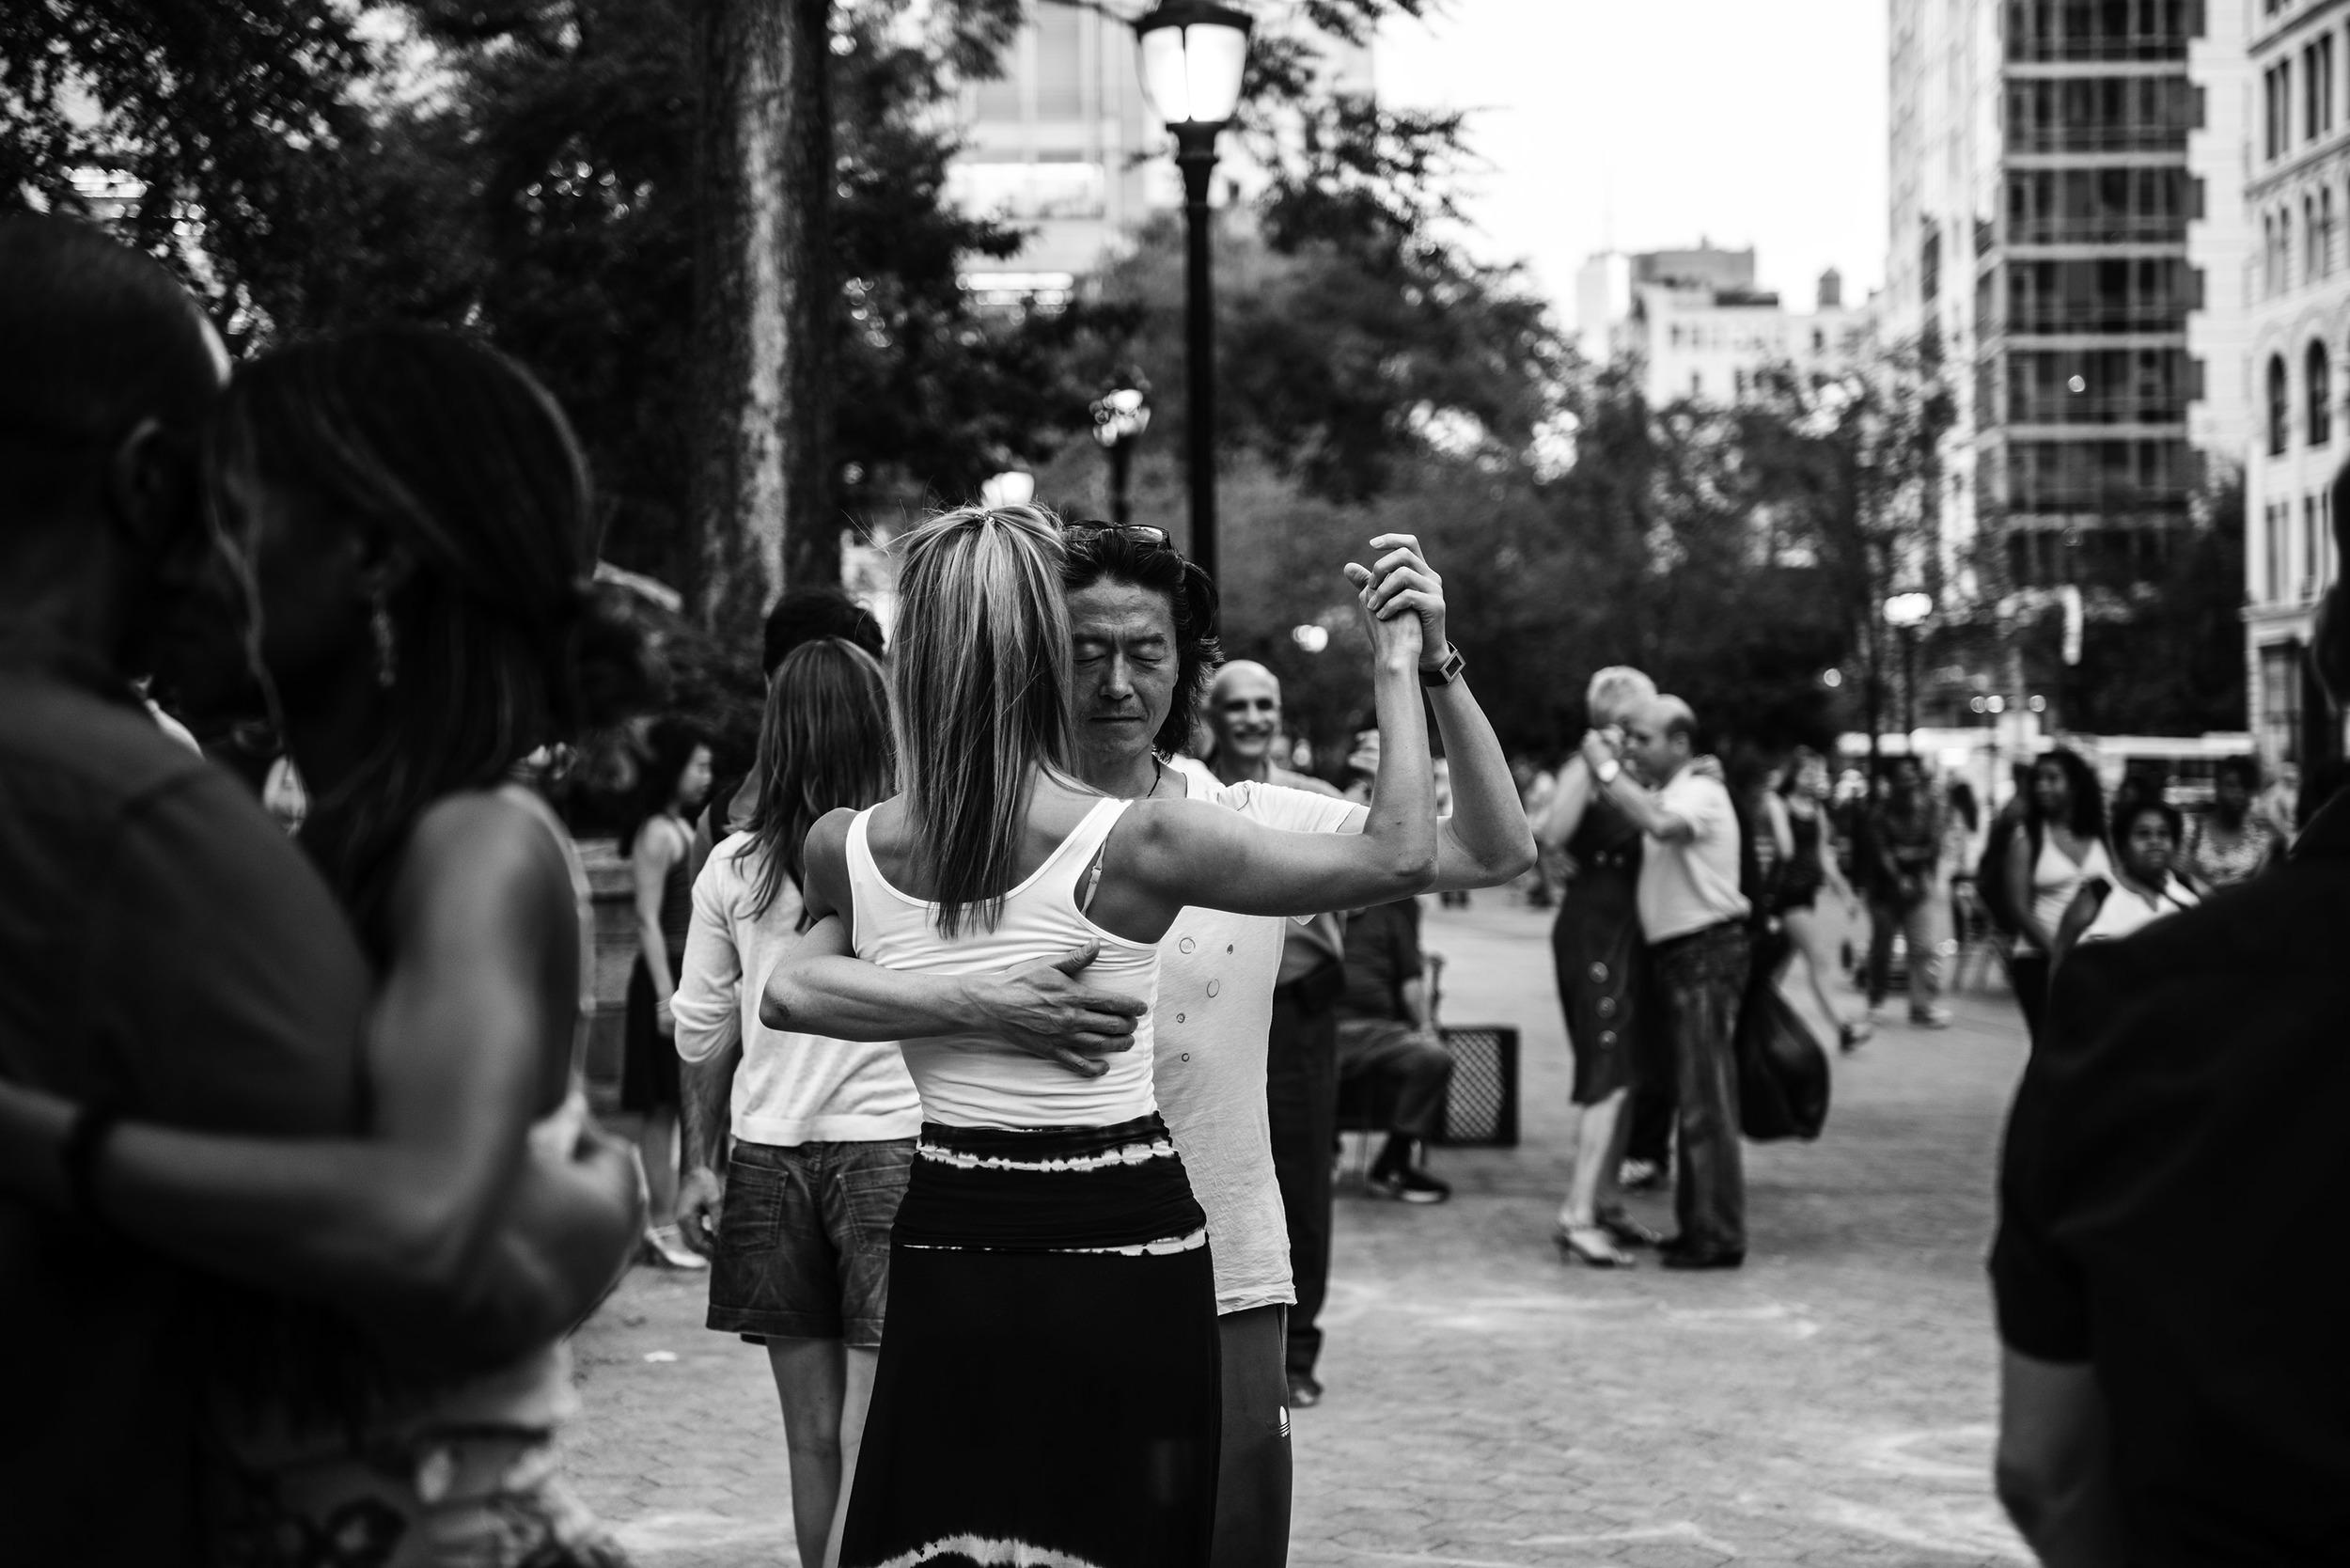 street_2.jpg